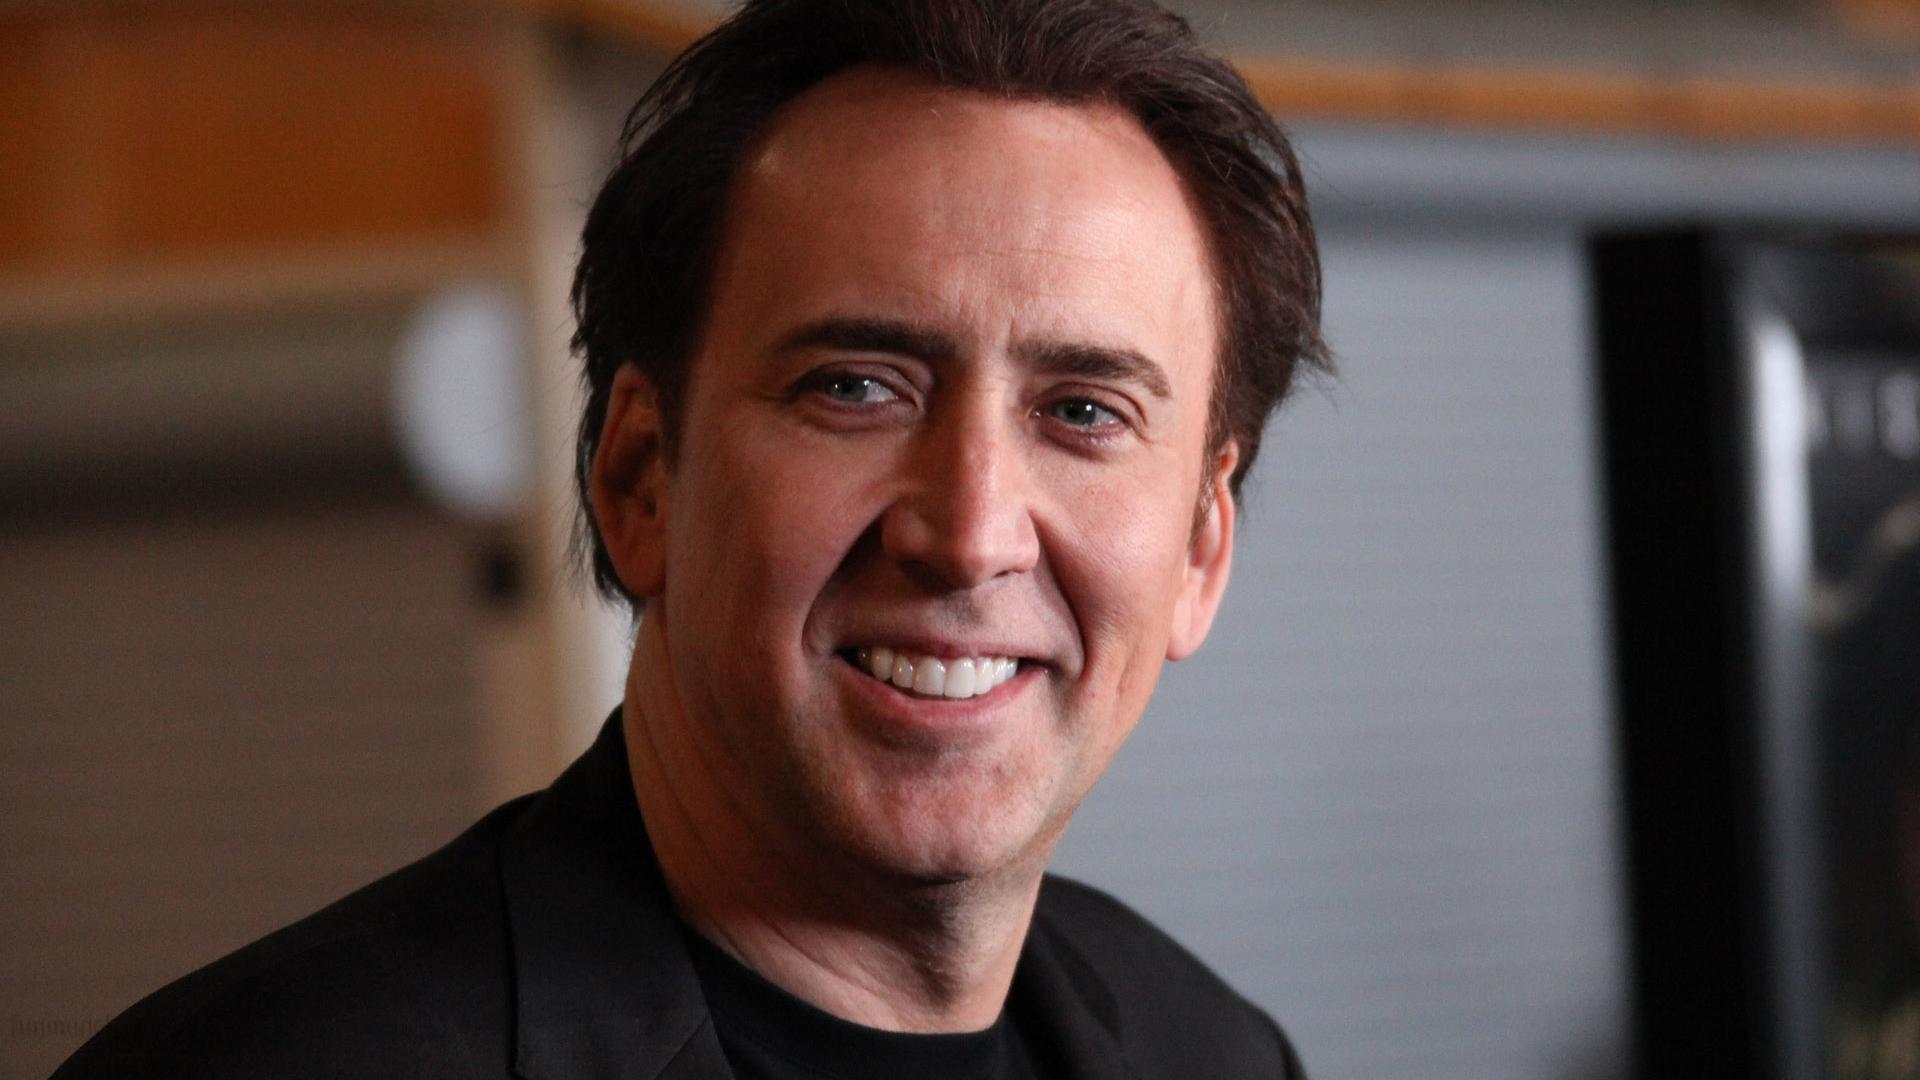 Nicolas Cage HD Wallpapers for desktop download